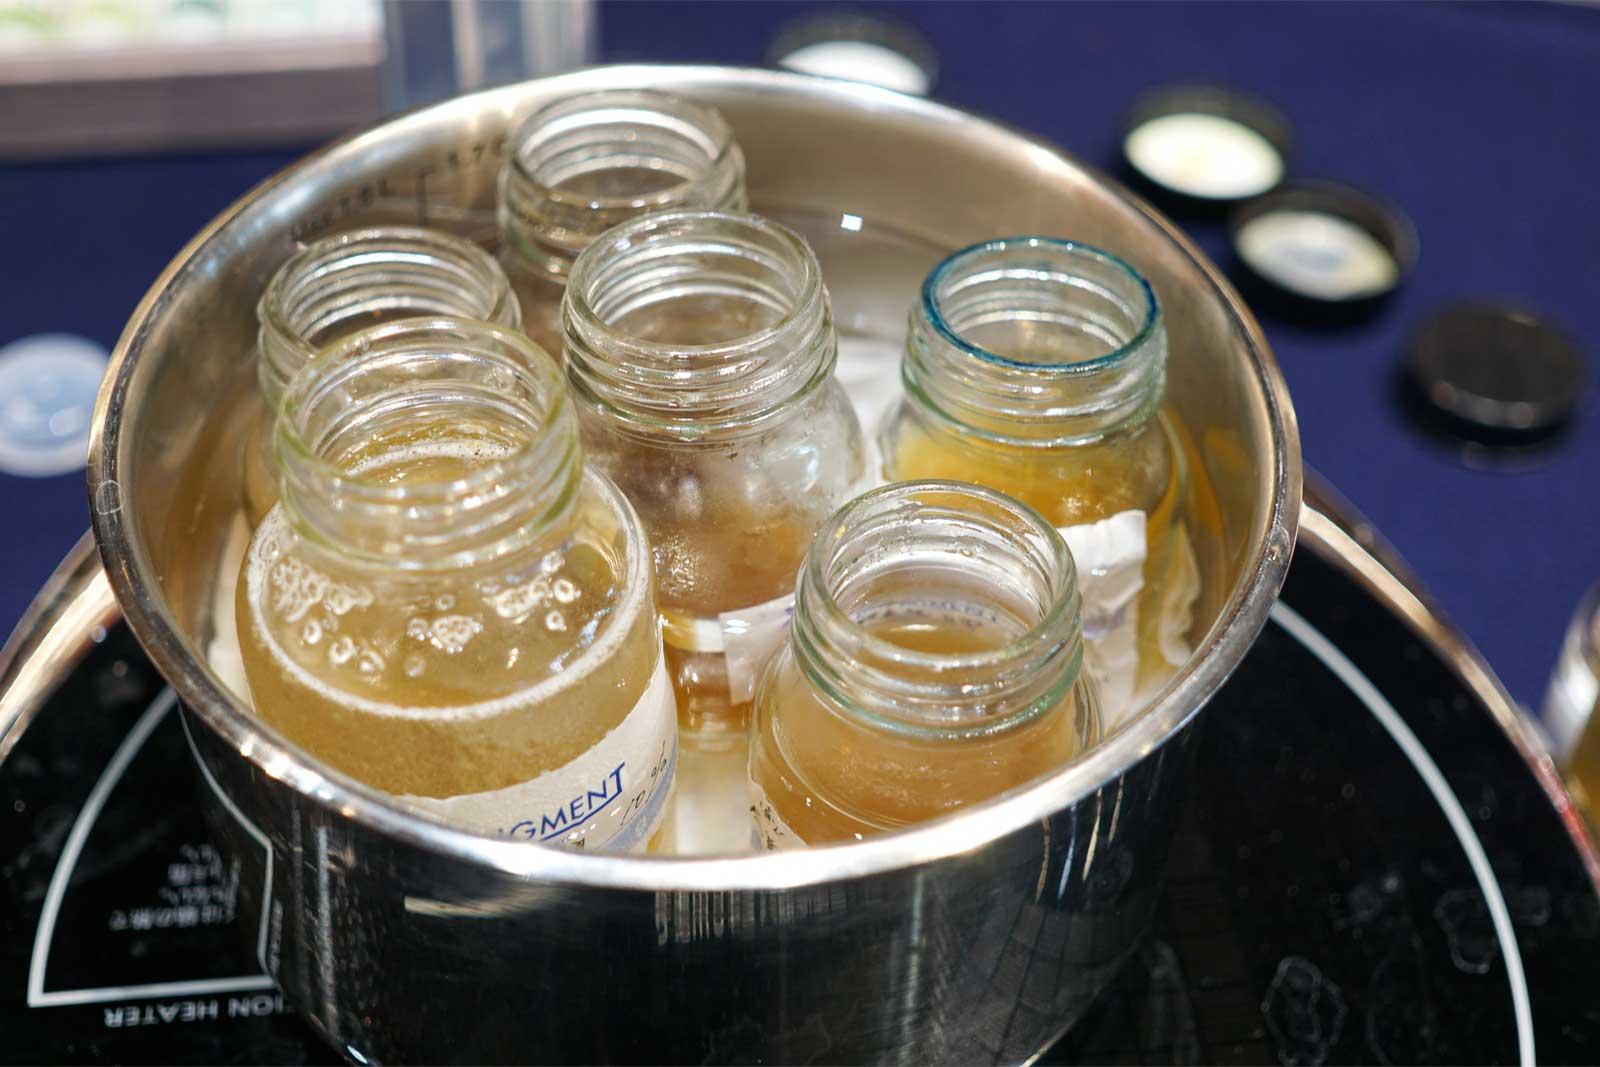 一度溶かした膠は冷蔵庫で冷やし、また湯煎で溶かして使います